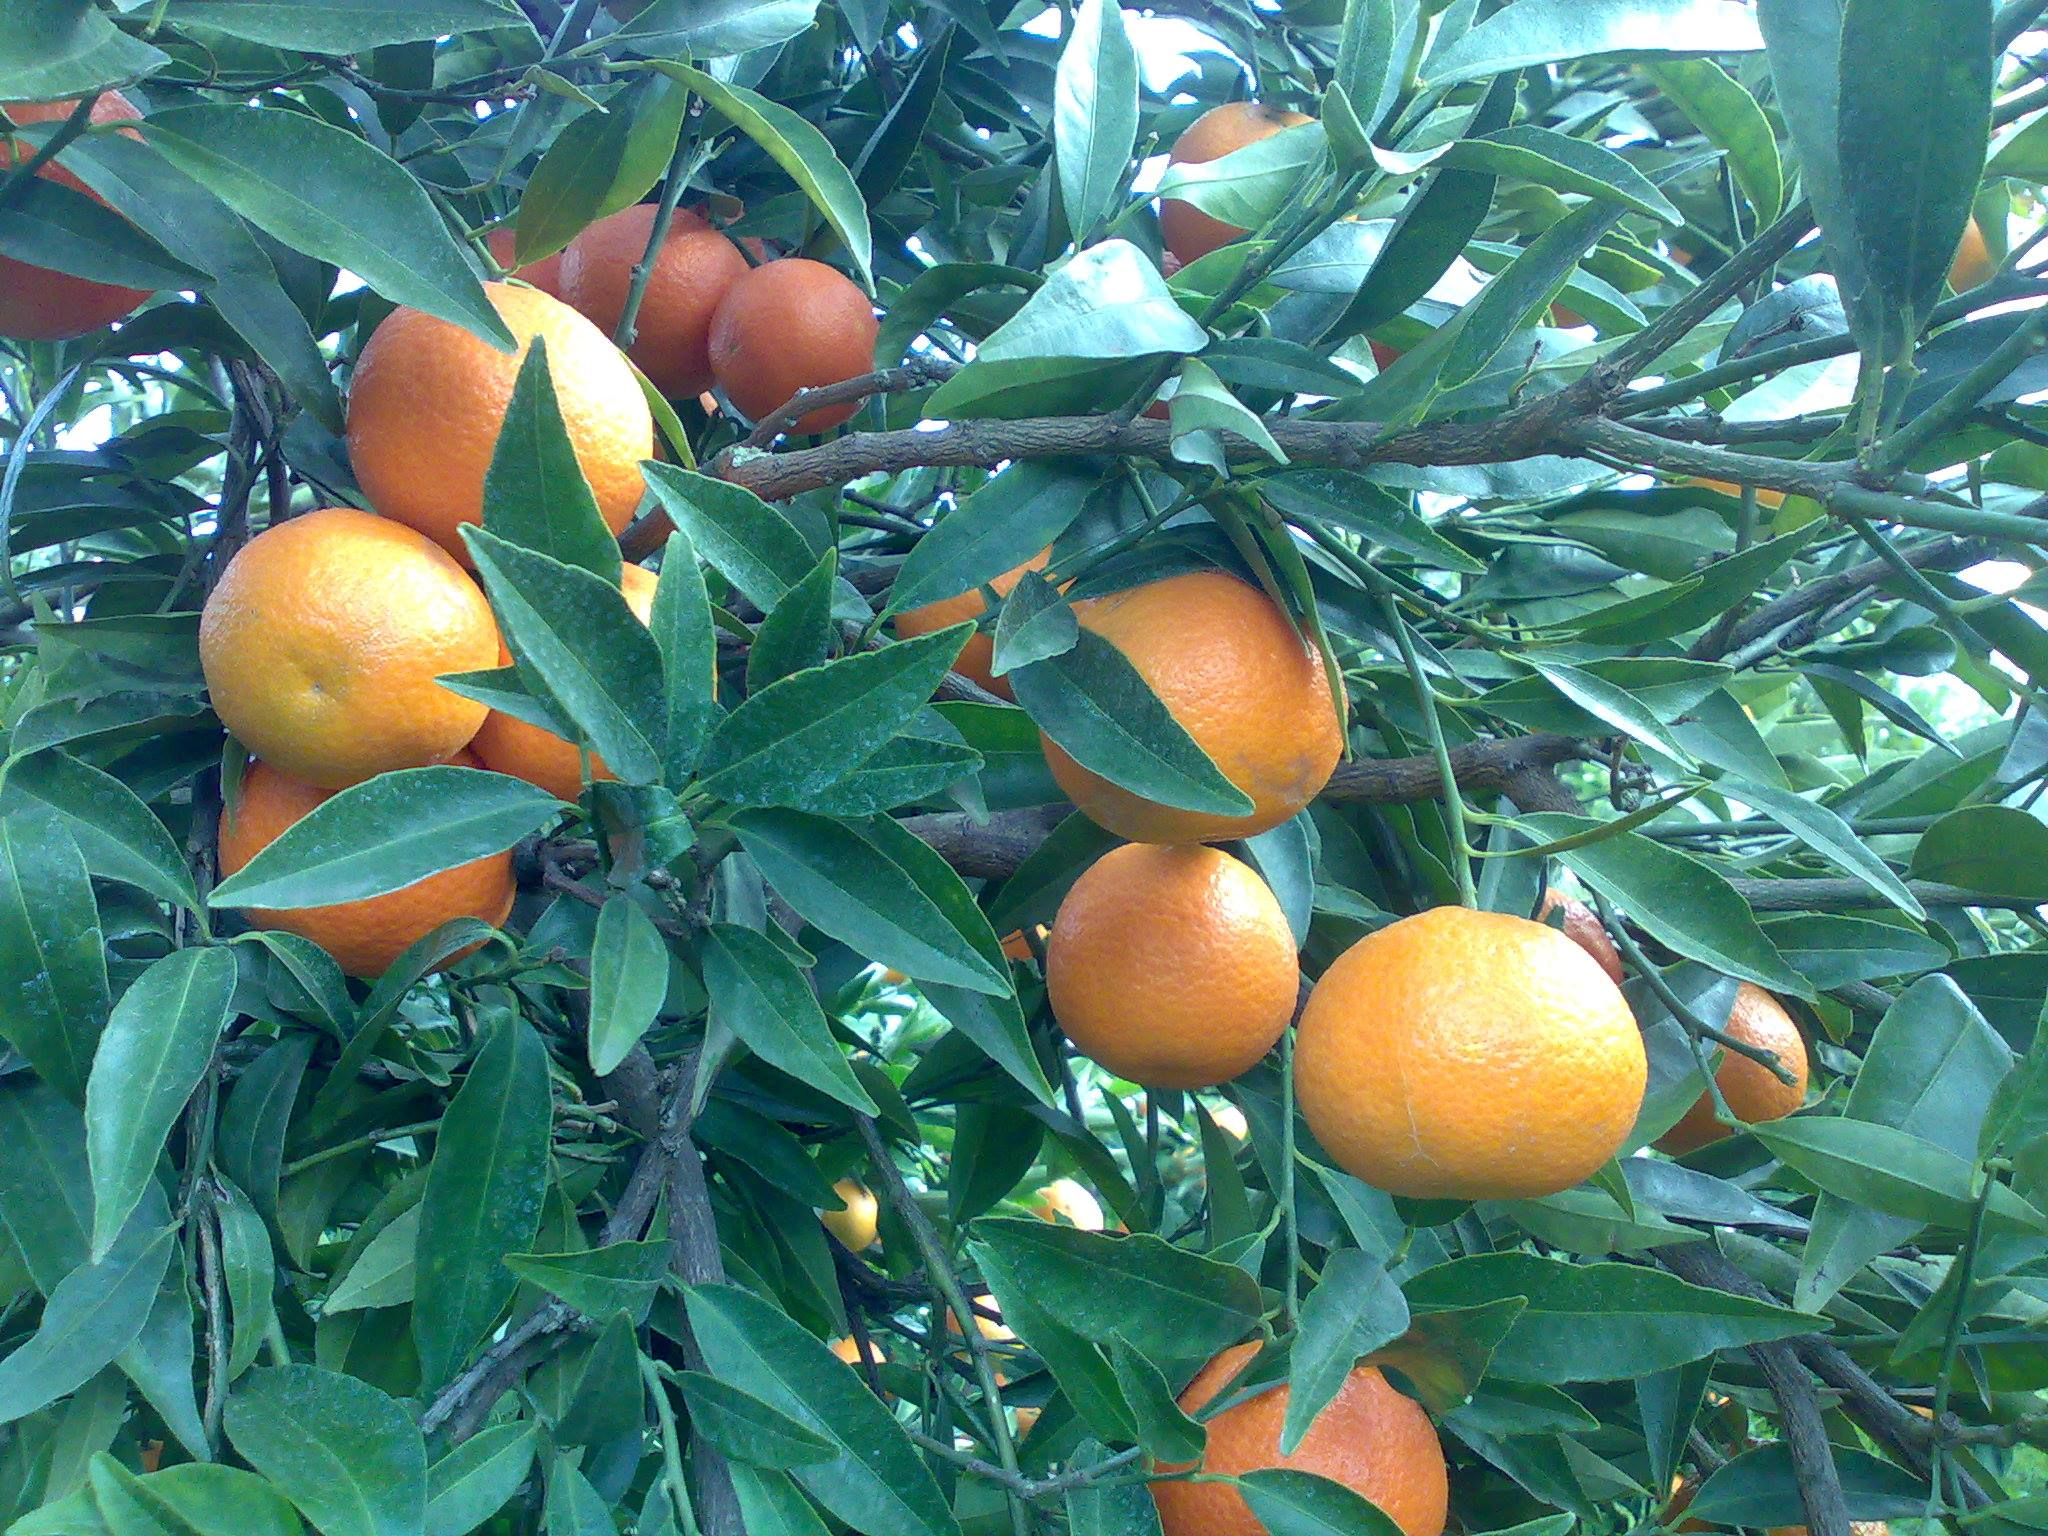 Man sieht die reifen Clementinen aus Corigliano Calabaro am Baum hängen (Foto: Aldo Salatino, der Erzeuger)